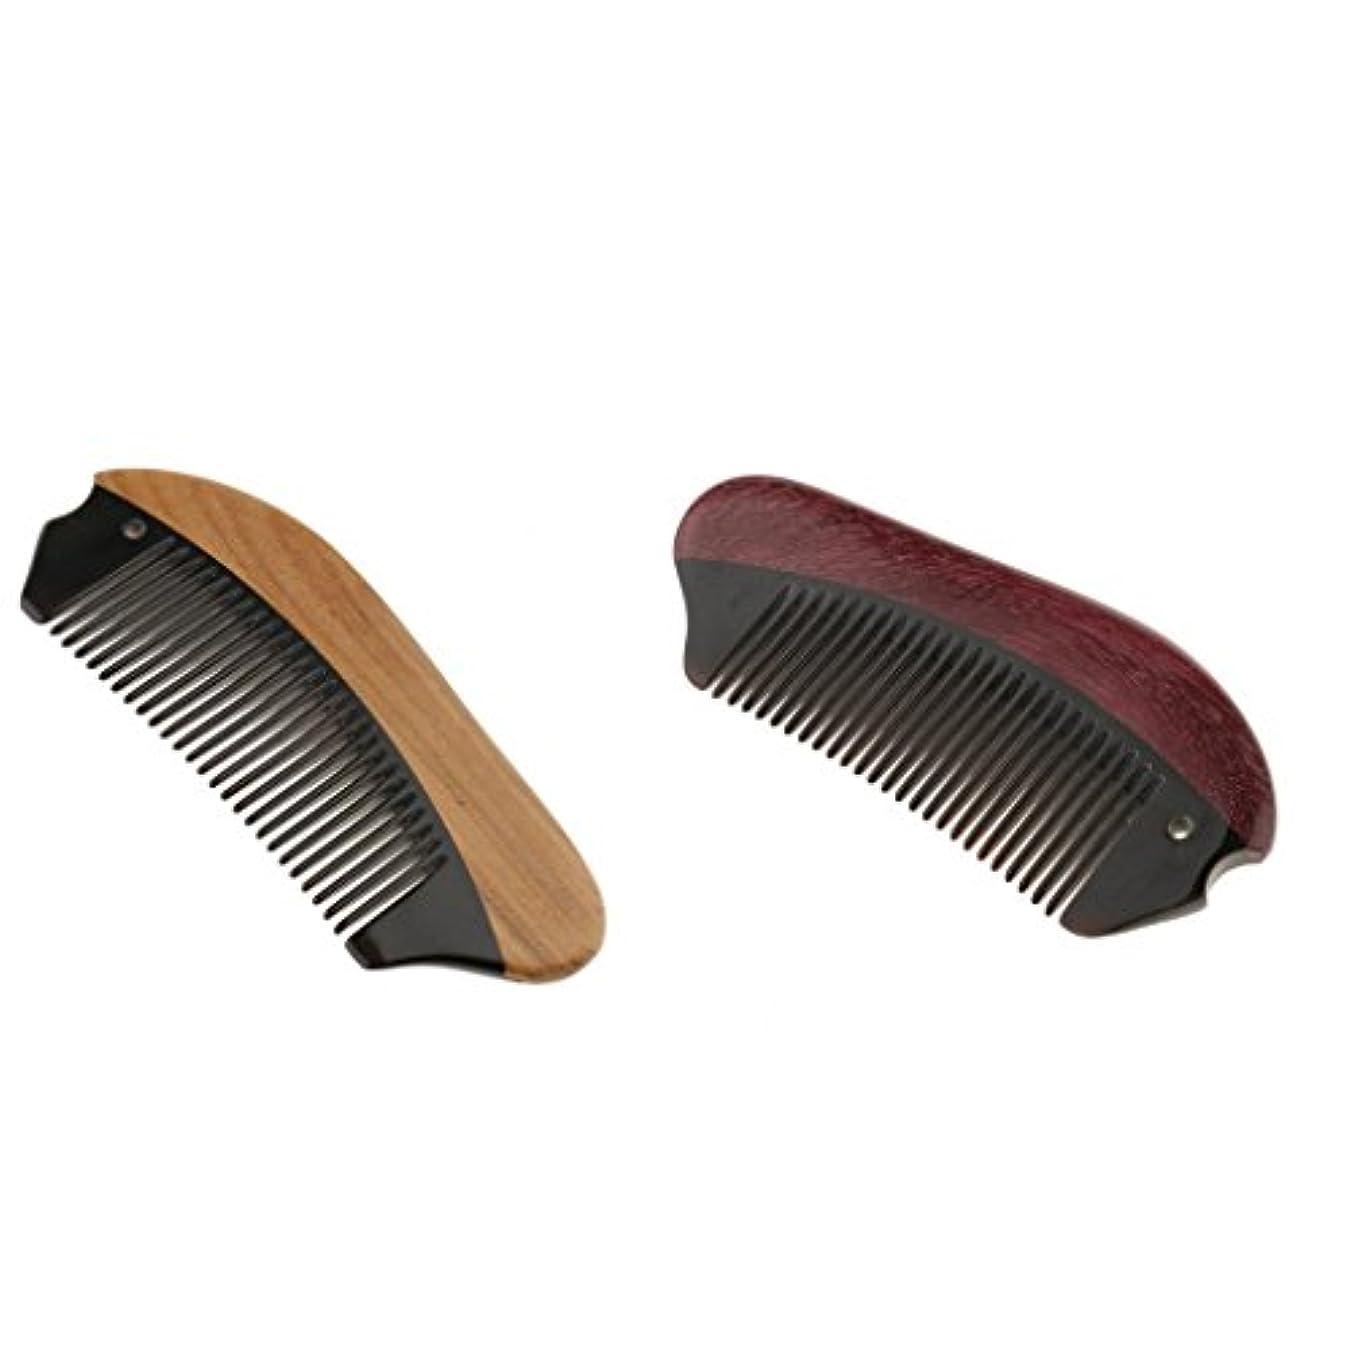 暖かくクレーン拷問Baosity 2個 木製 櫛 コーム 静電気防止 マッサージ 高品質 プレゼント 贈り物